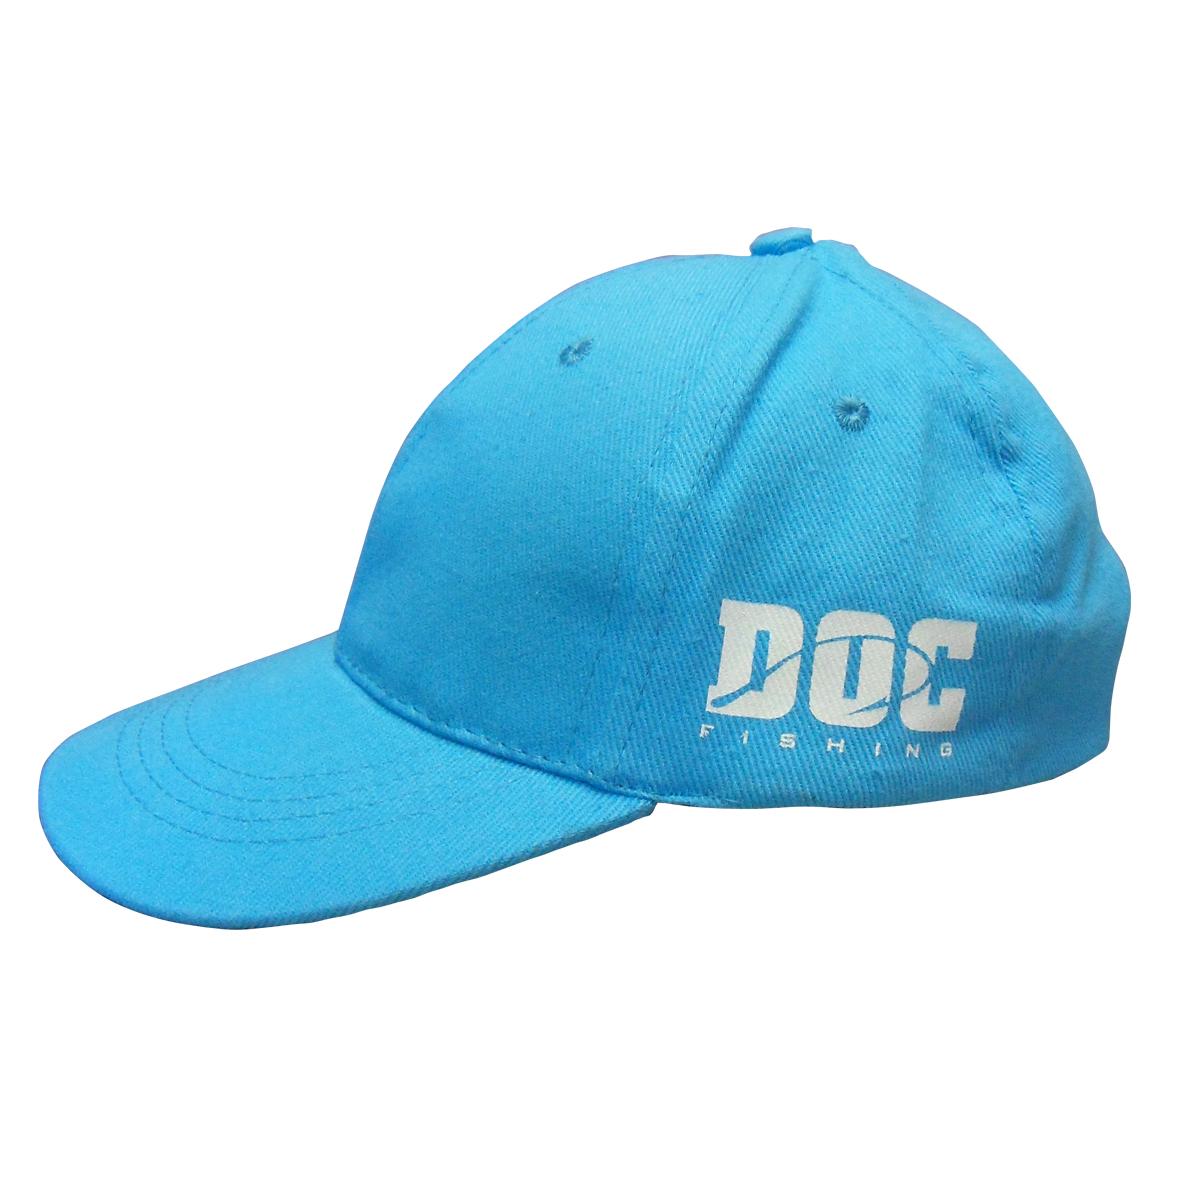 Čepice DOC dětská - modrá